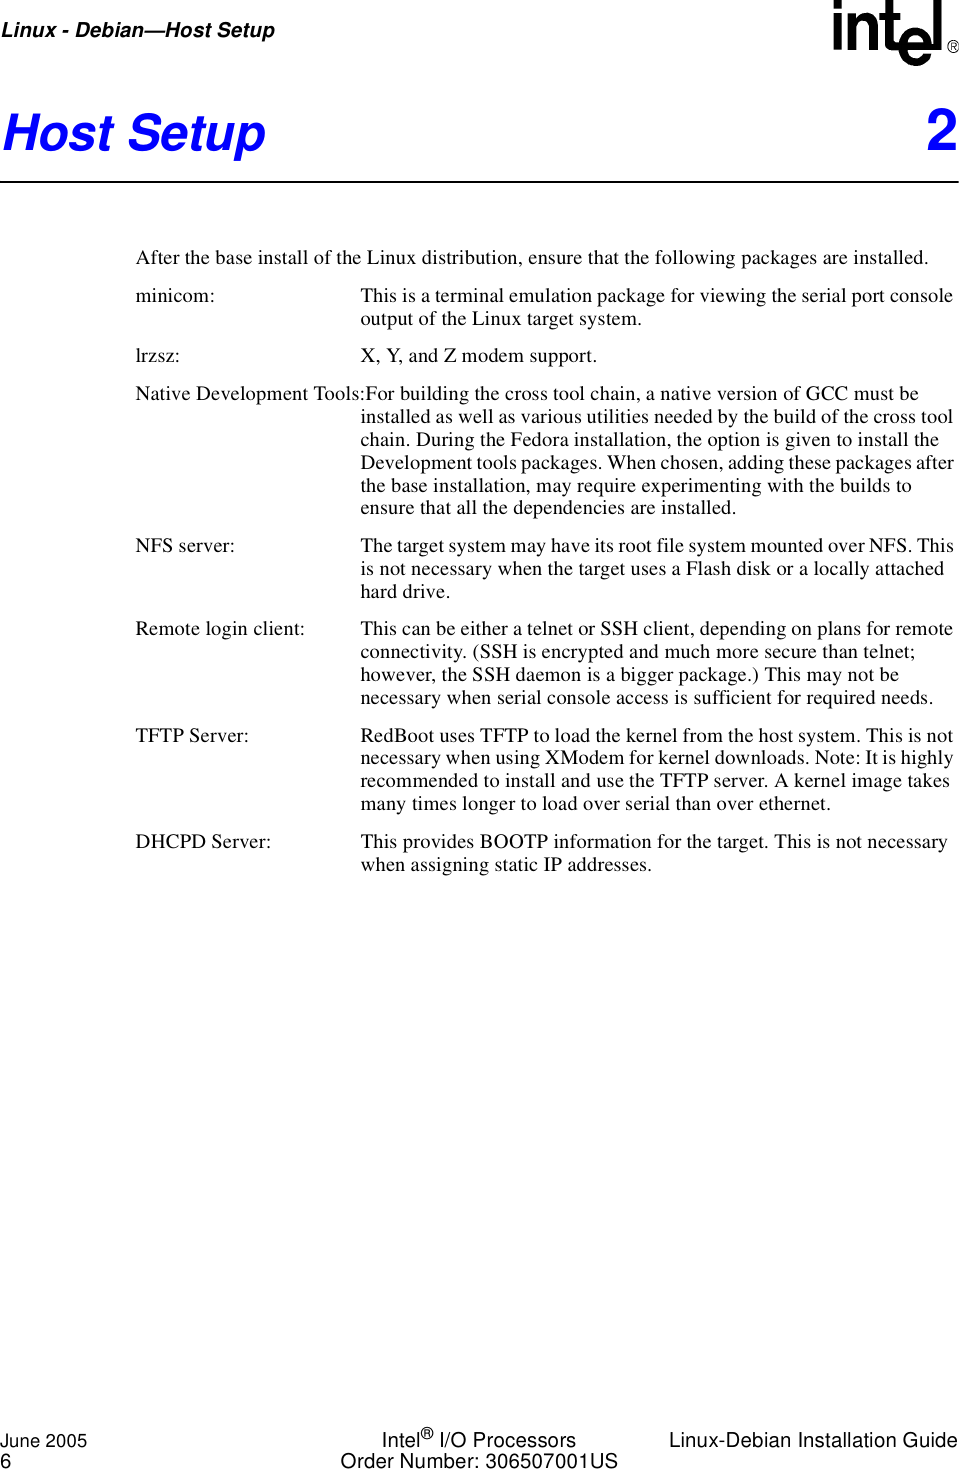 Intel IO Processor DebianLinux User Manual To The 64e4a536